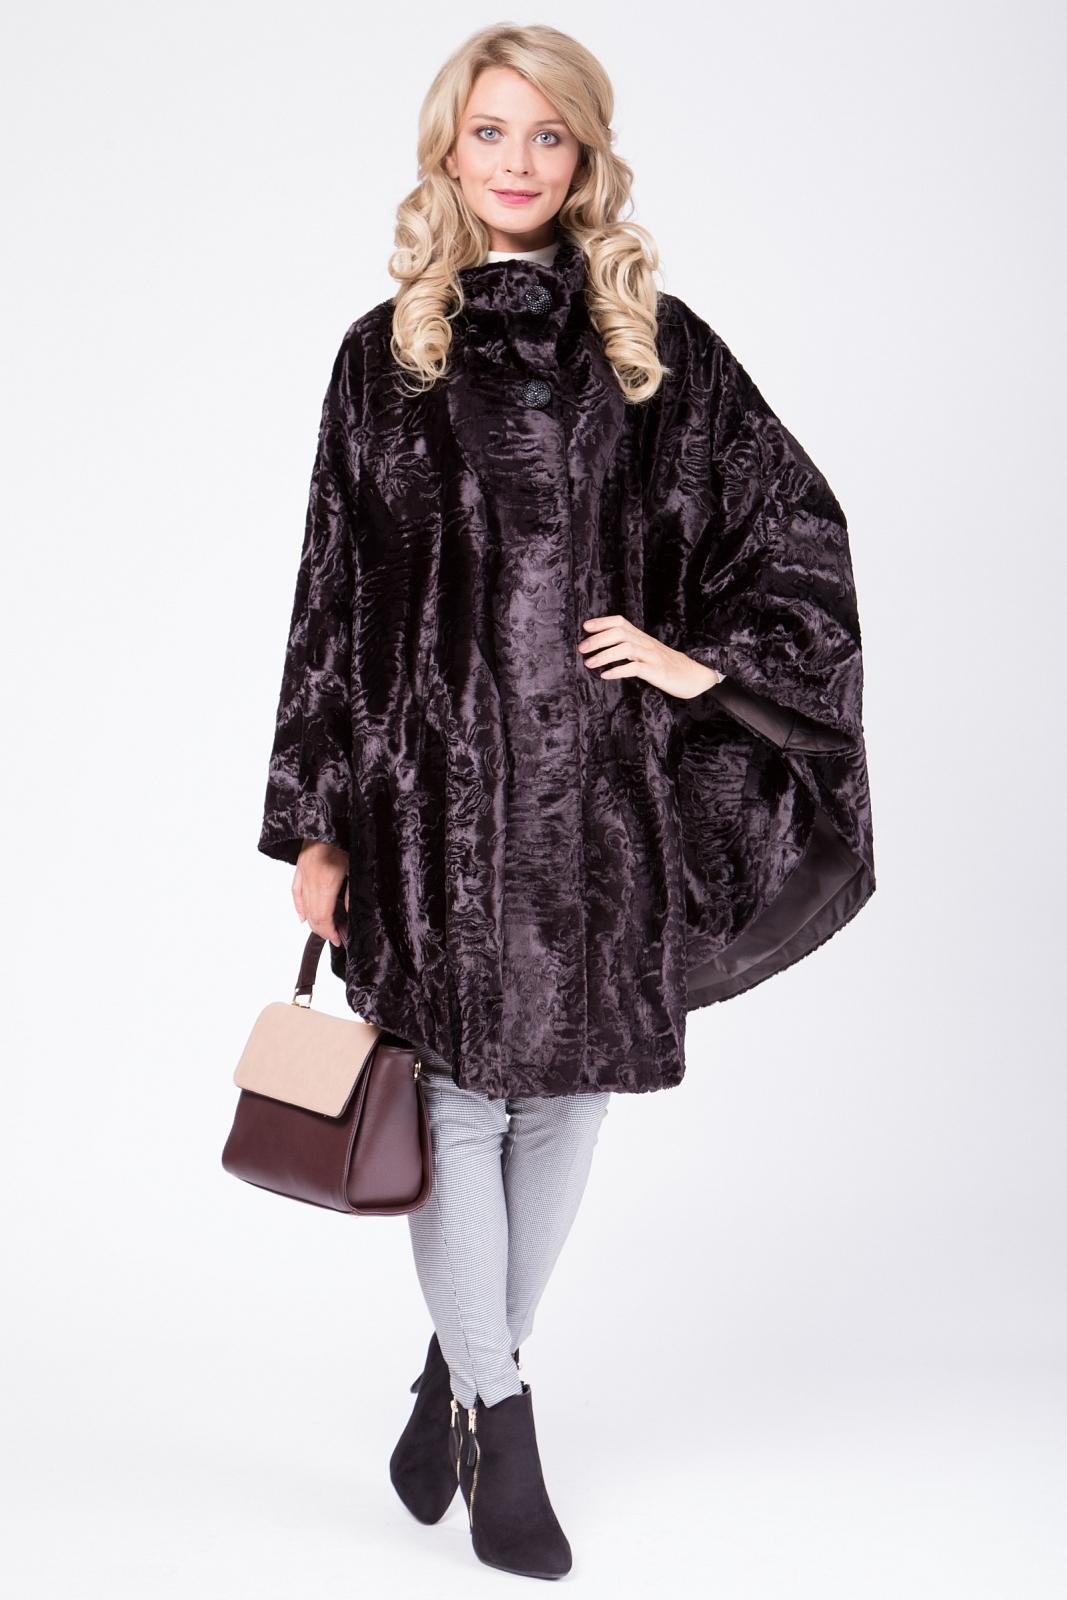 Сбор заказов. Electrastyle- верхняя одежда высокого качества. Пальто, плащи, каракуль, дублёнки. Выкуп 1